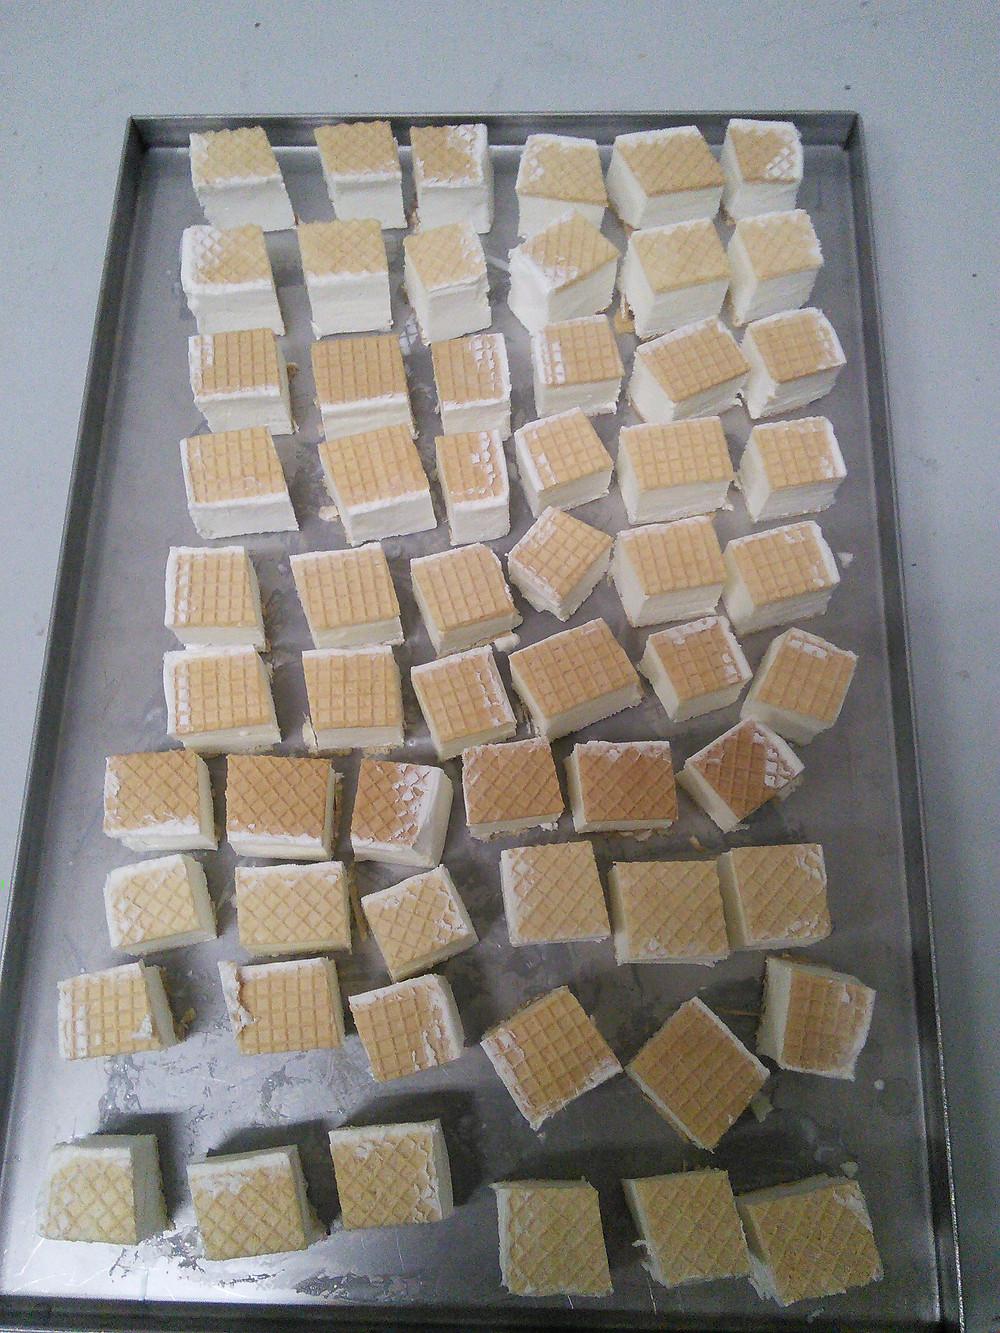 Kostičky lyofilizované Ruské zmrzliny